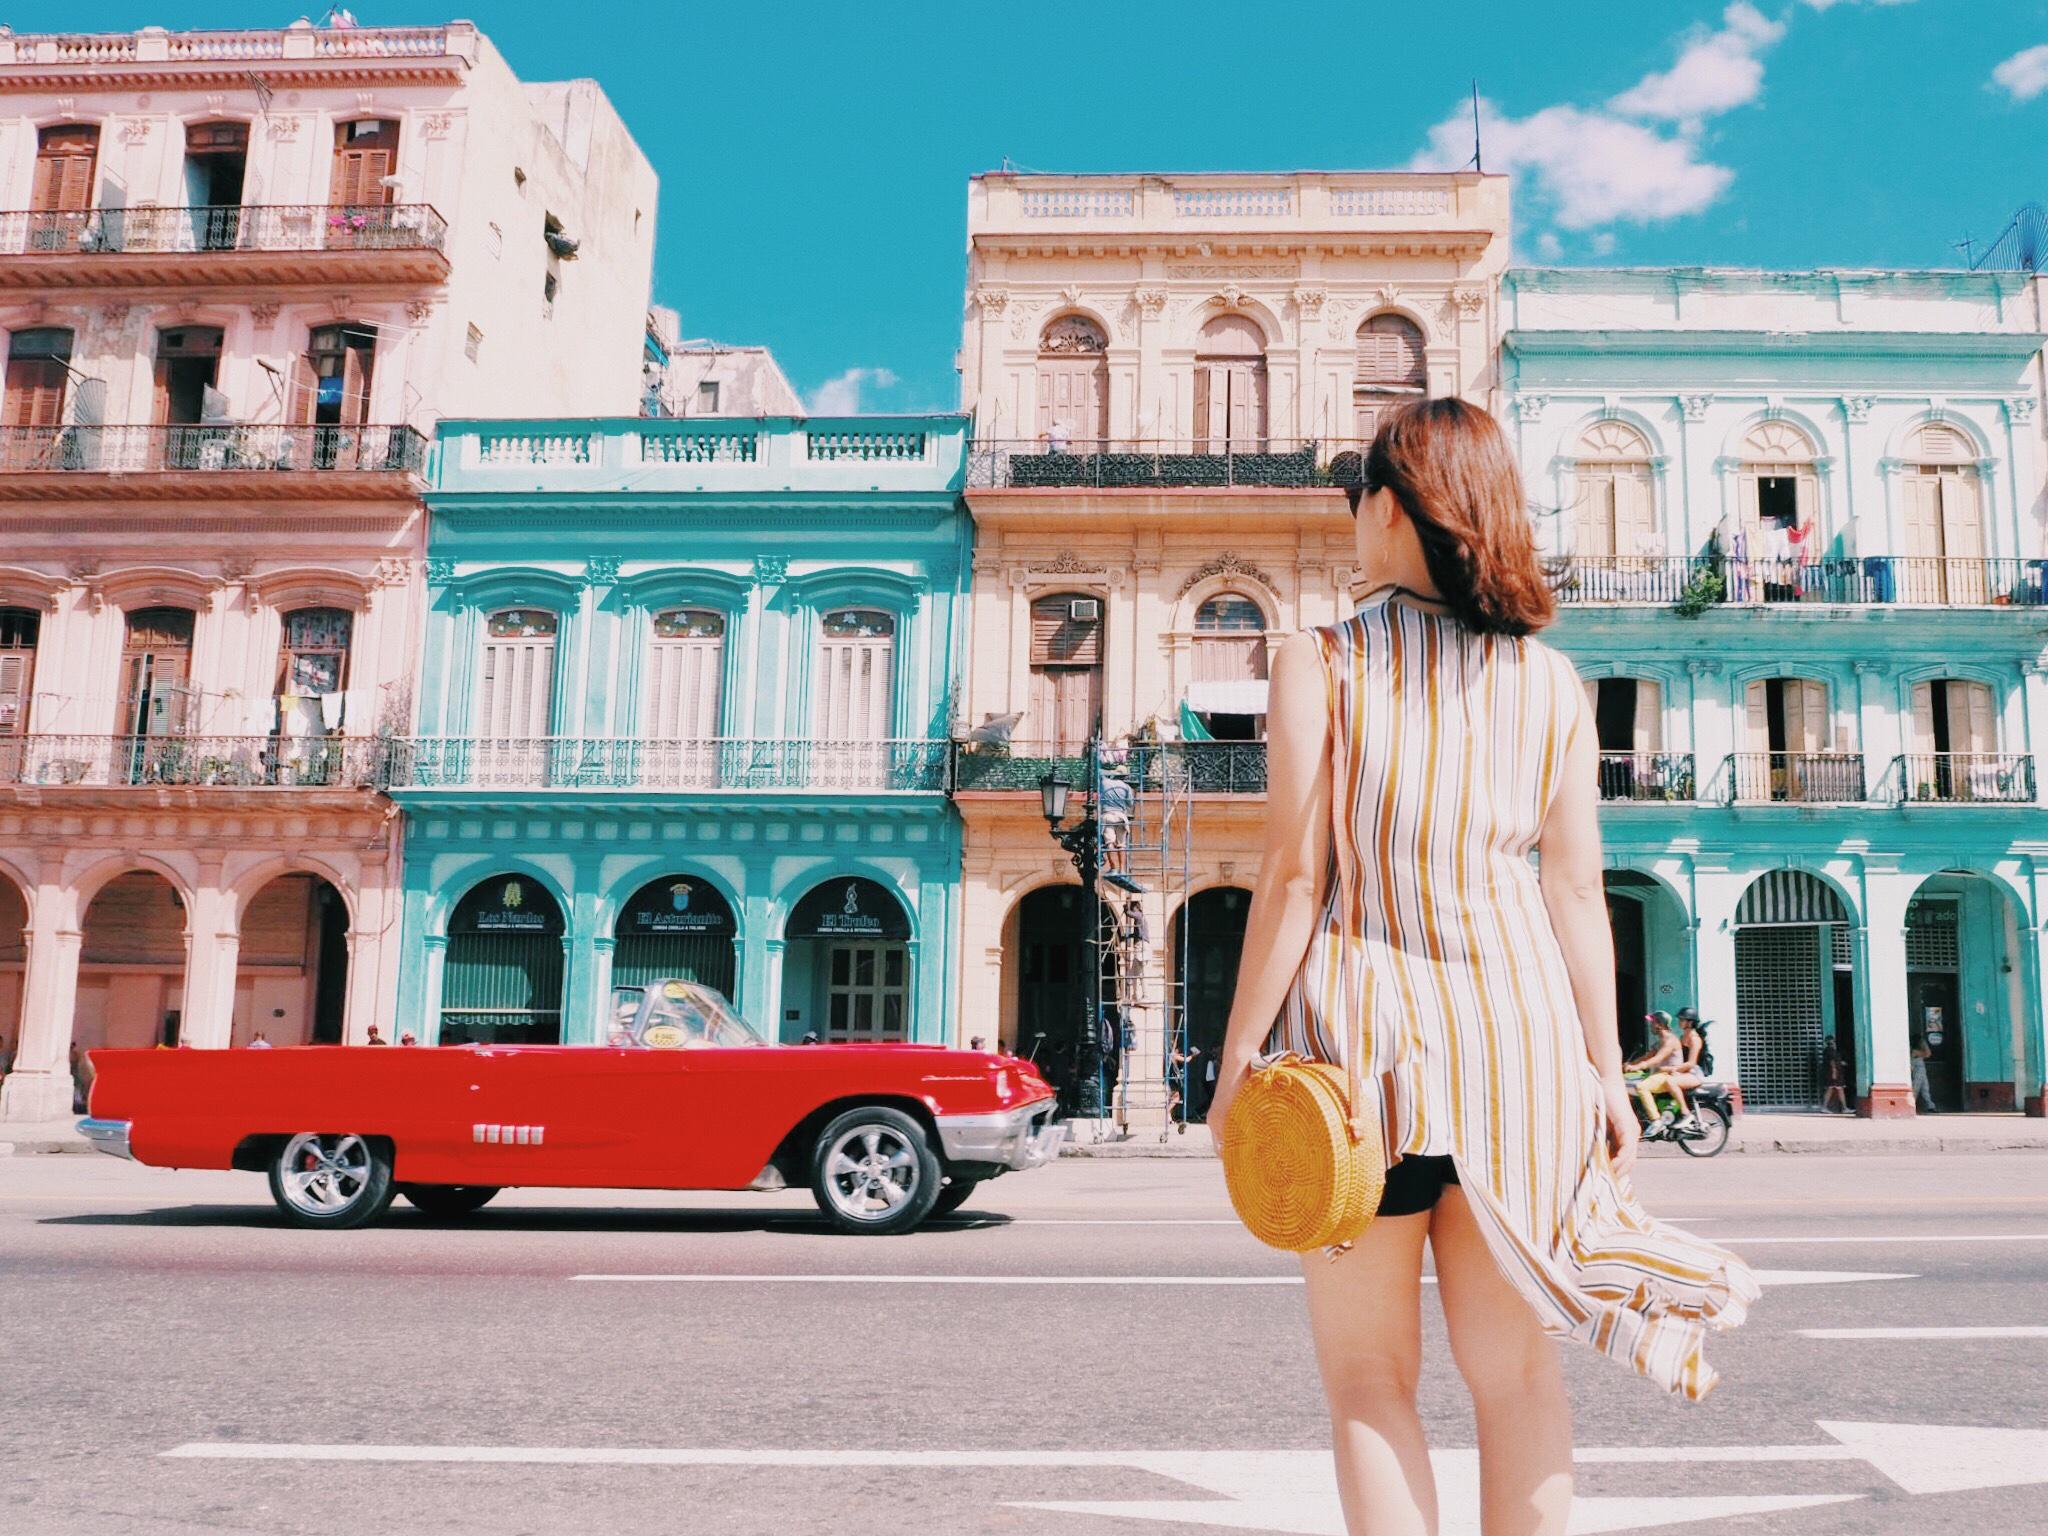 0028ee3a c1b9 482c b97f 8cece3bc6d87 - Old Habana - 街全体が世界遺産 色が溢れるハバナ旧市街散歩で出会った風景